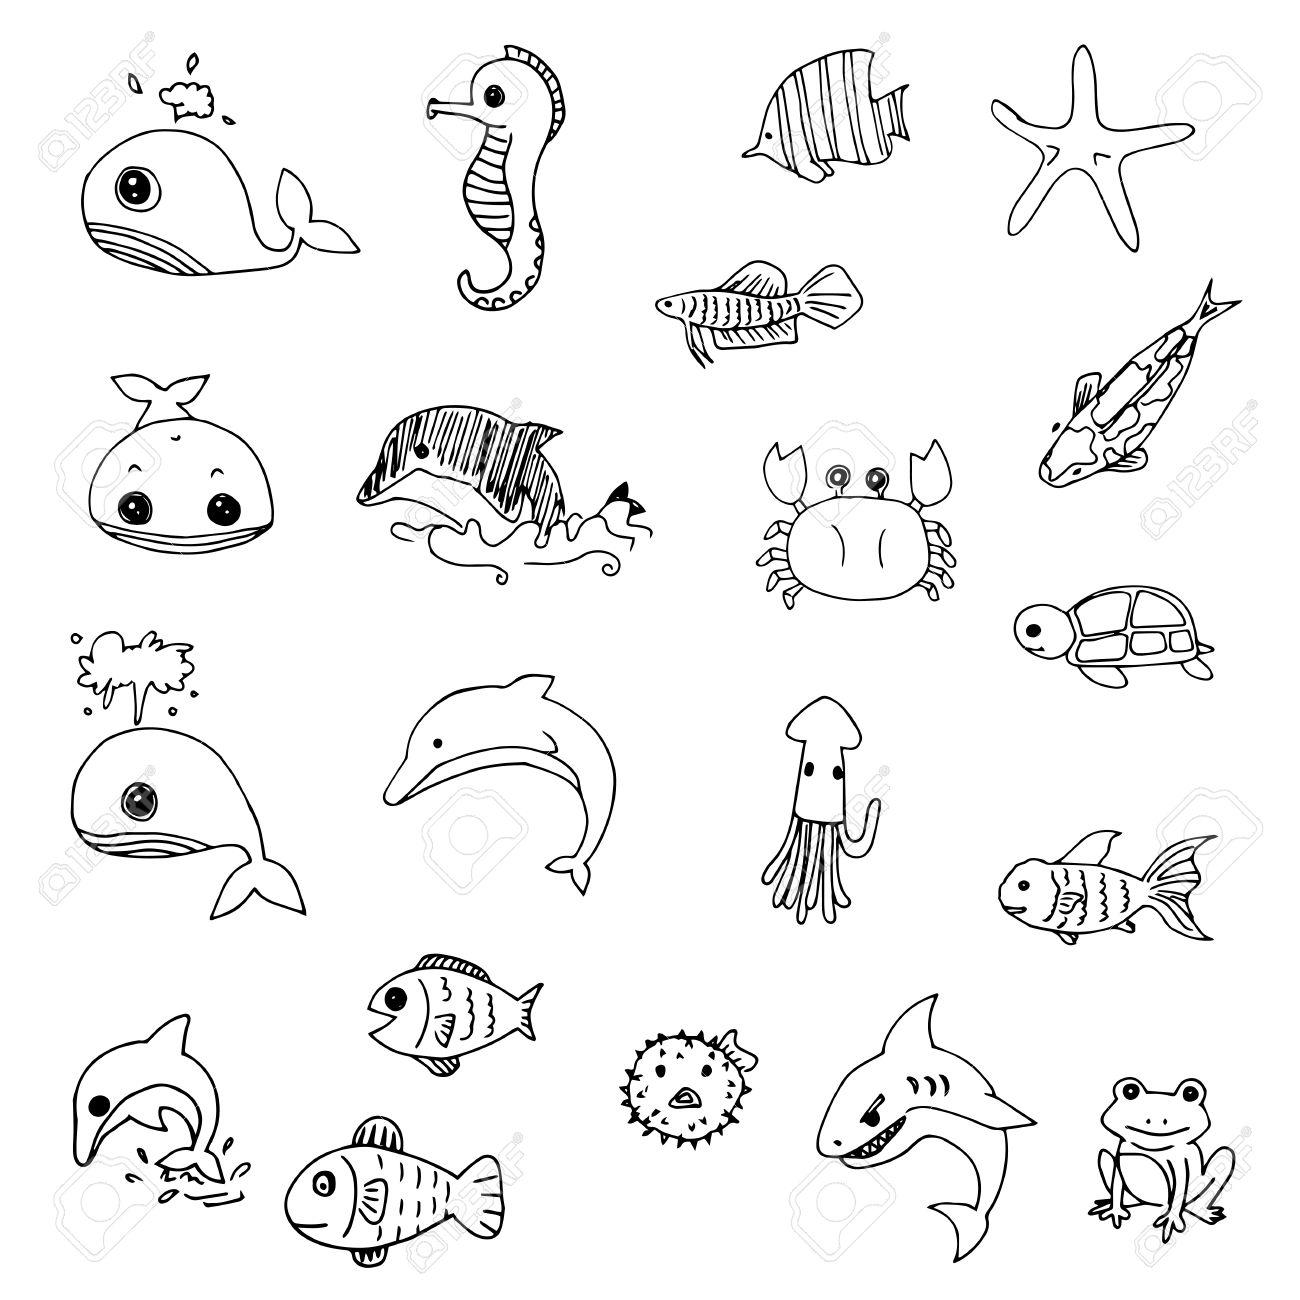 Printable Worksheets For Preschool Ocean Coral Printable